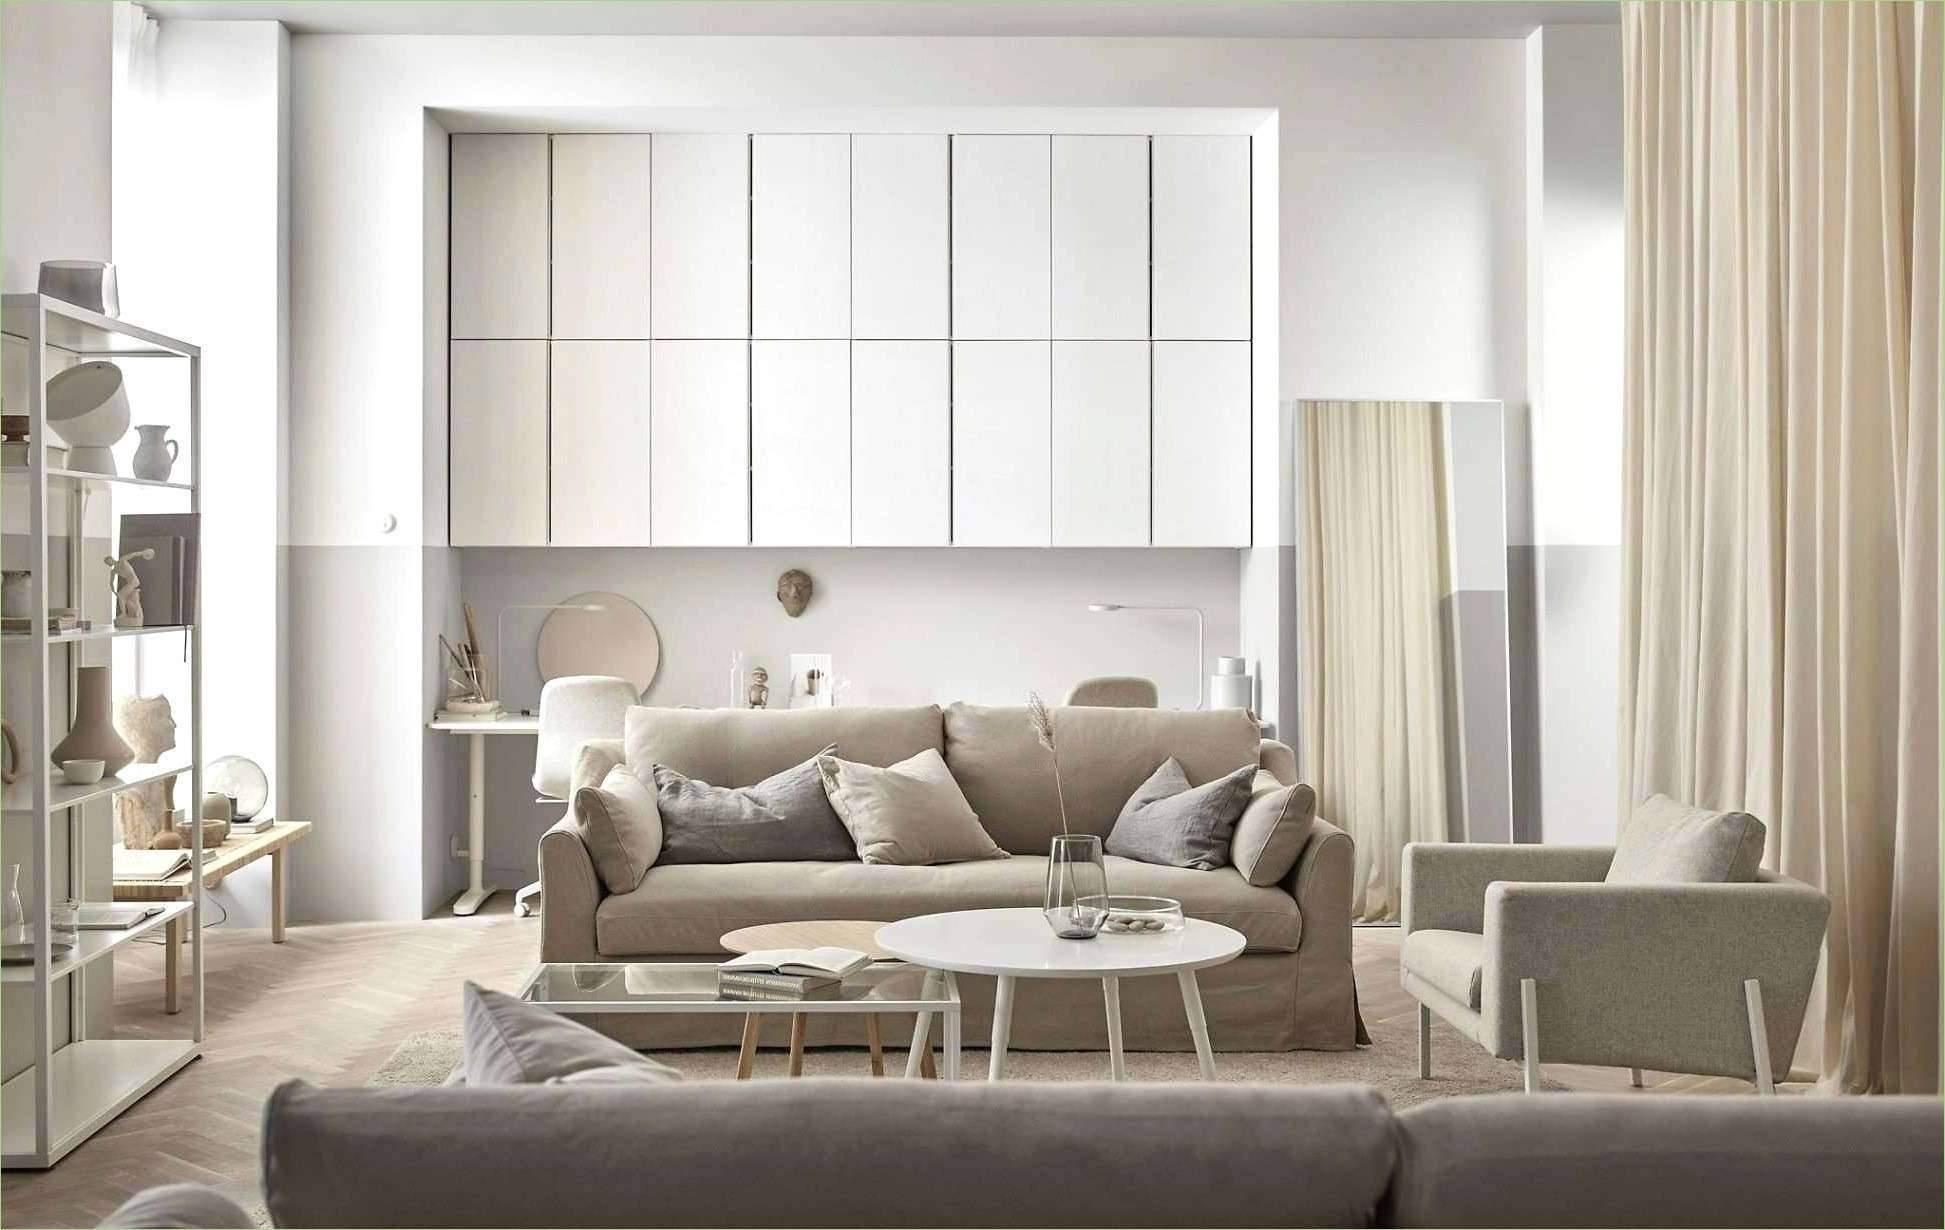 deko fur wohnzimmer schon elegant zebra deko wohnzimmer concept of deko fur wohnzimmer